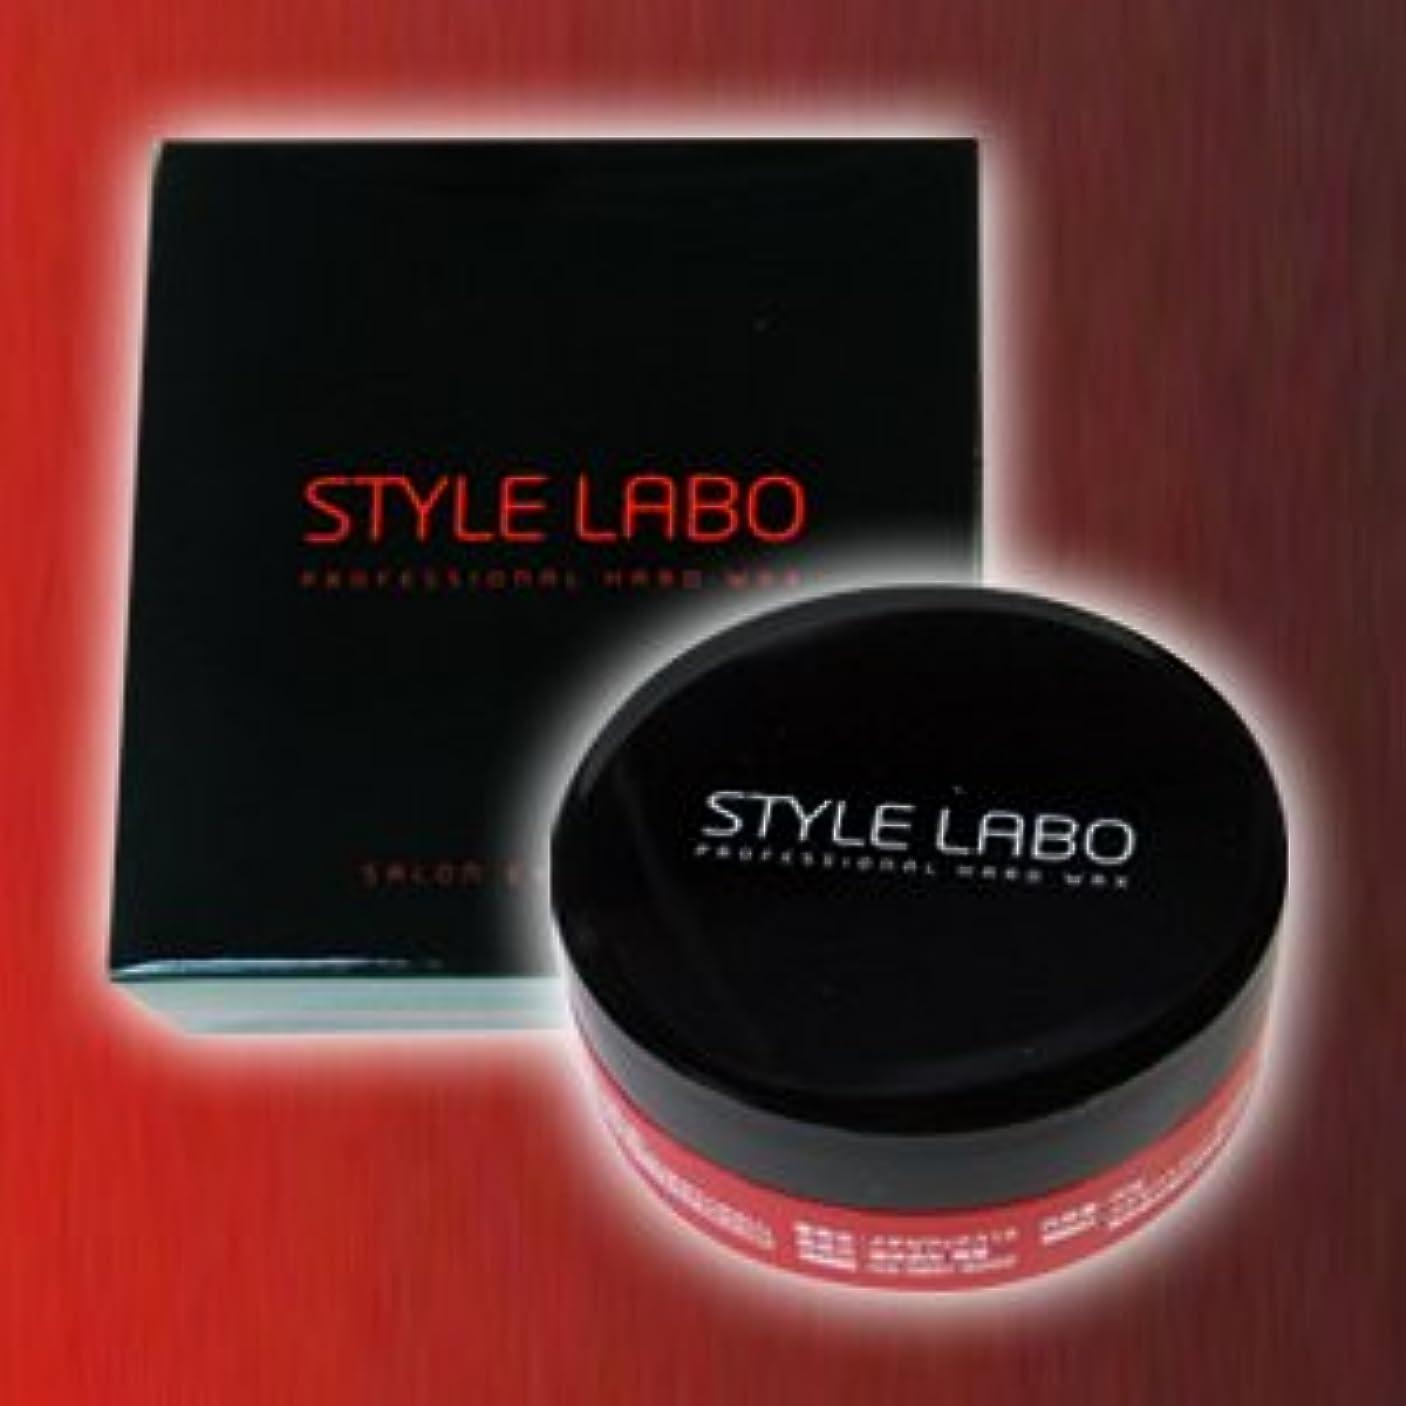 言語作物なめるSTYLE LABO スタイルラボ ハードワックス 30g <化粧箱付>